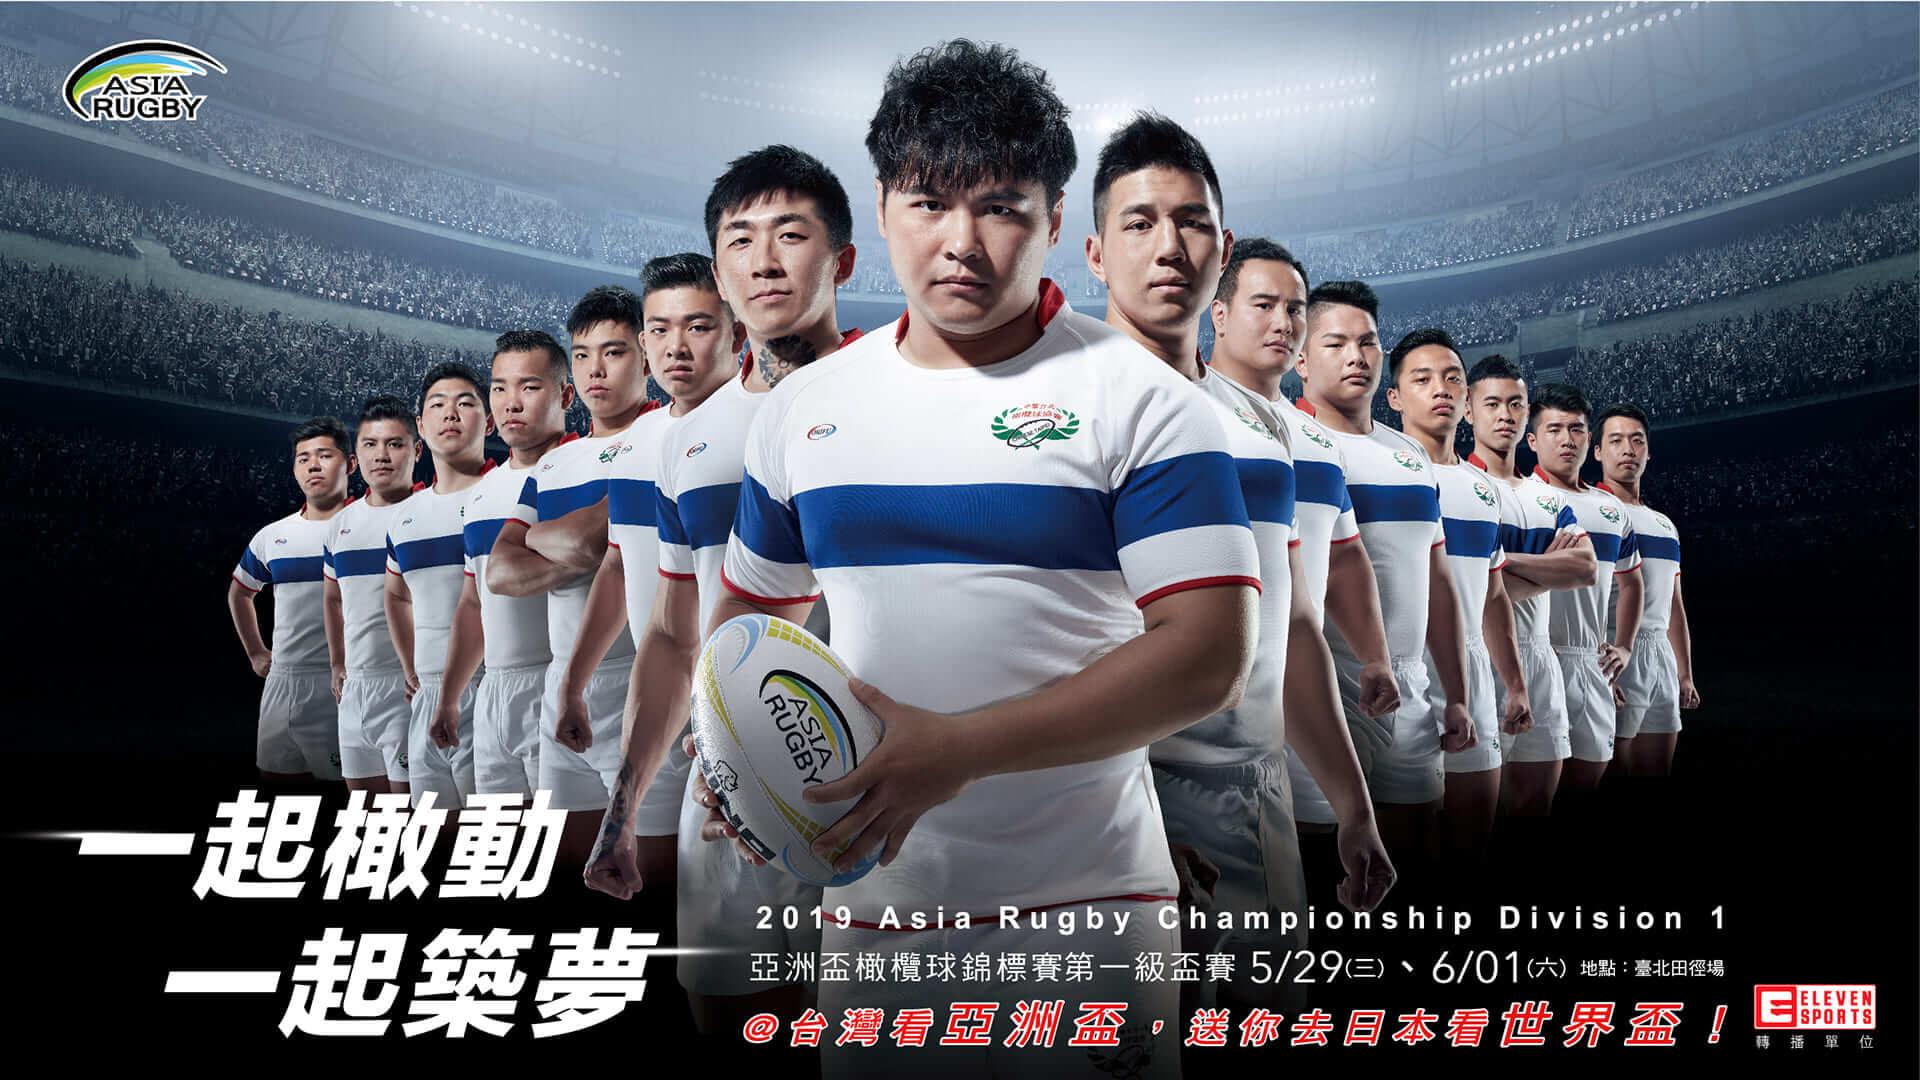 2019年亞洲盃橄欖球錦標賽第一級盃賽(中華台北/新加坡/菲律賓/斯里蘭卡)